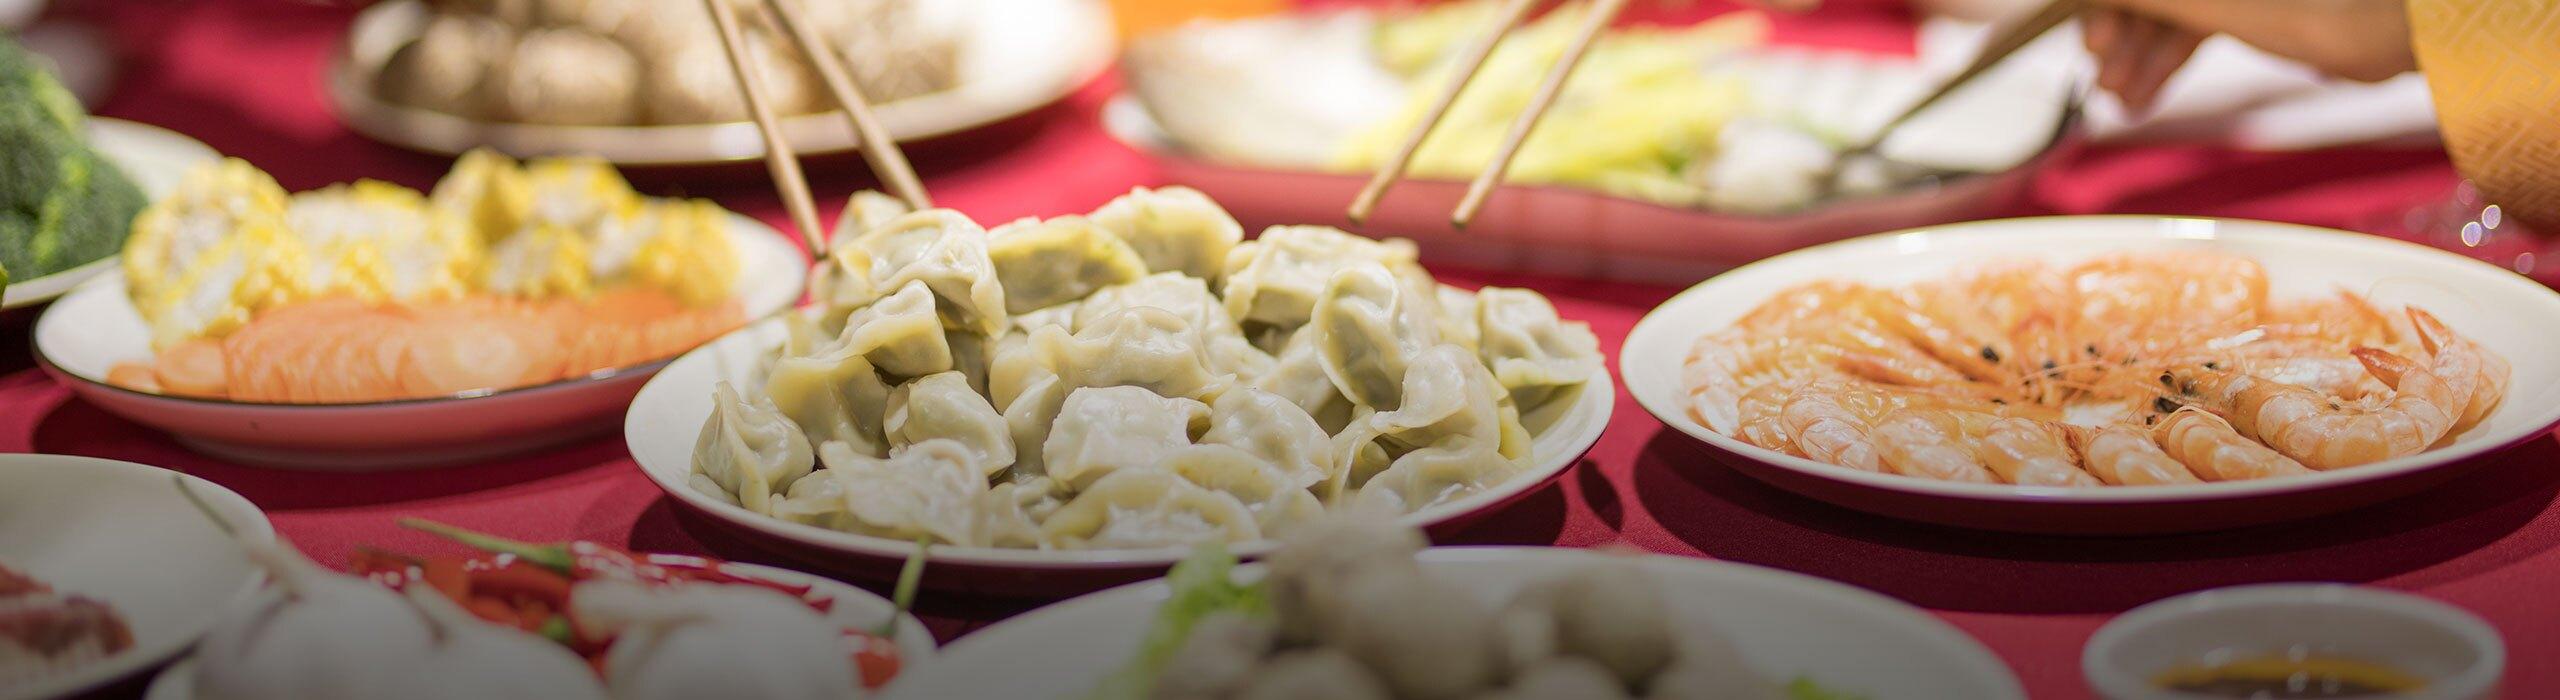 13-DayA Broad Taste of China